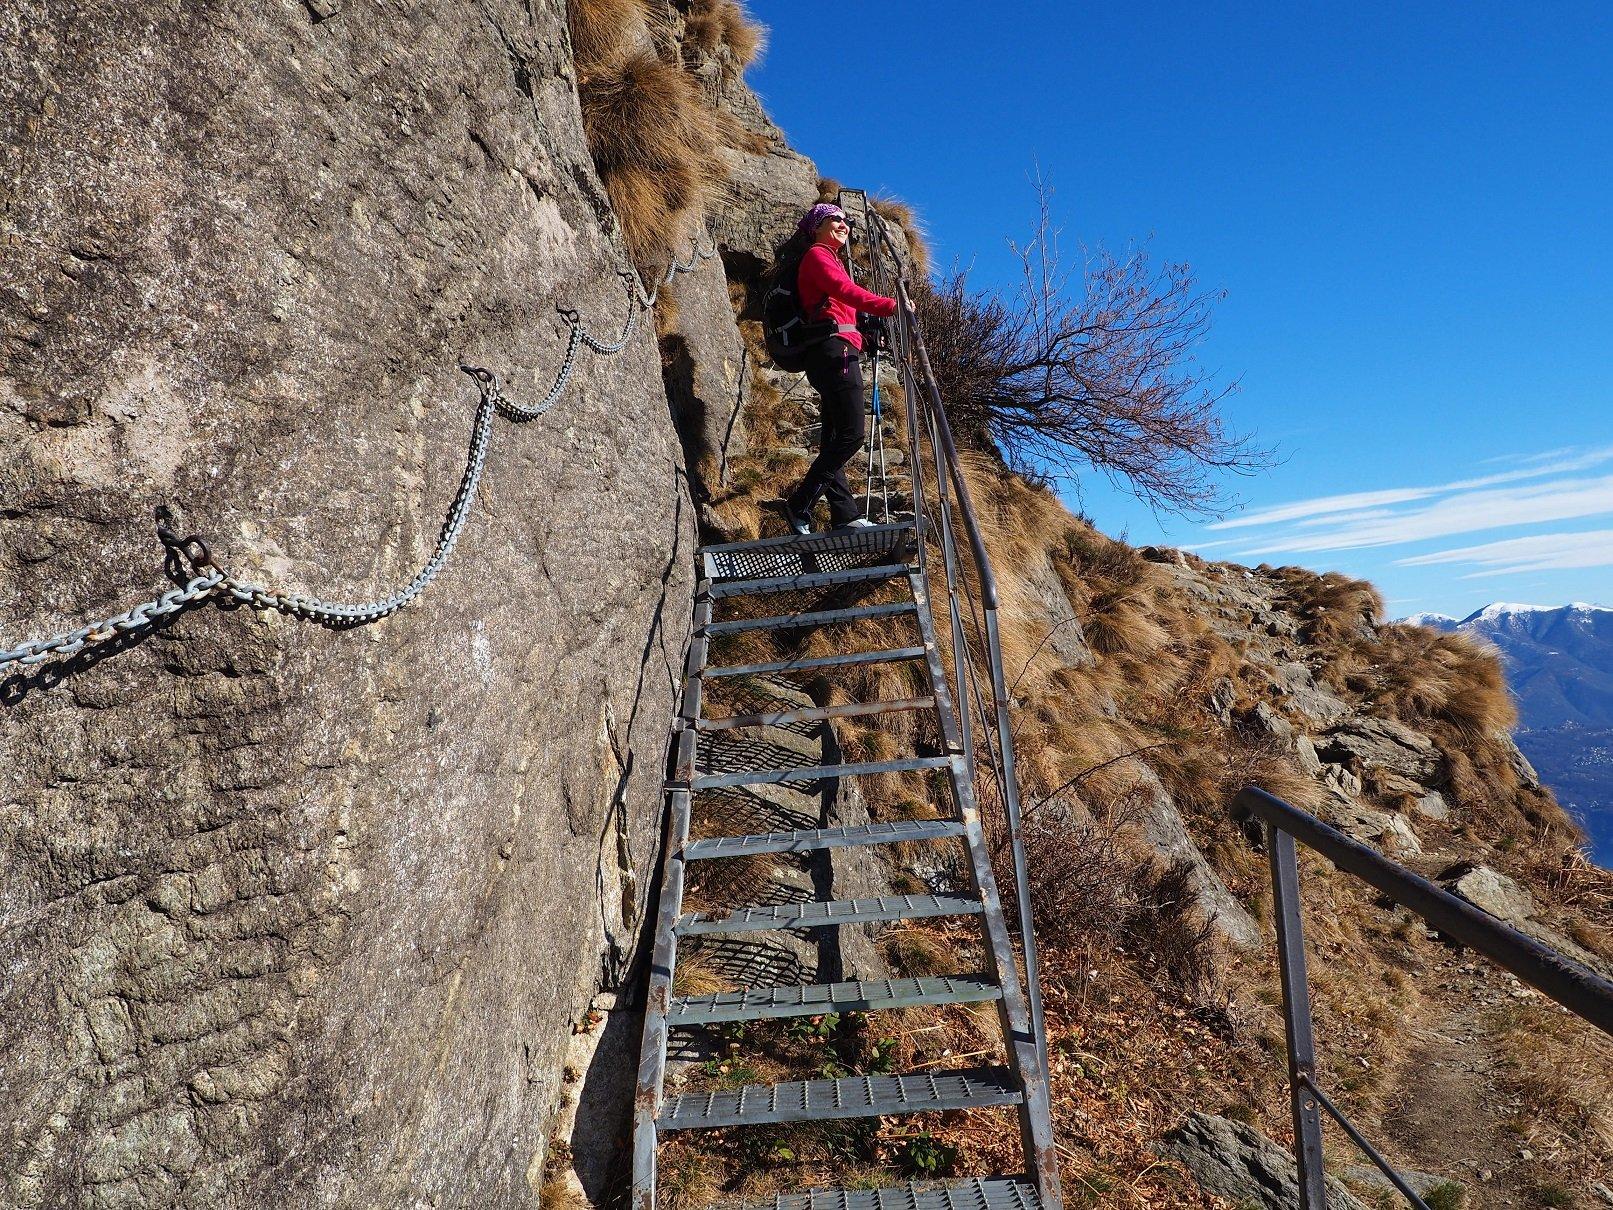 La scaletta che sale al posto di osservazione. Sulla destra il sentiero che sale alle tre croci.